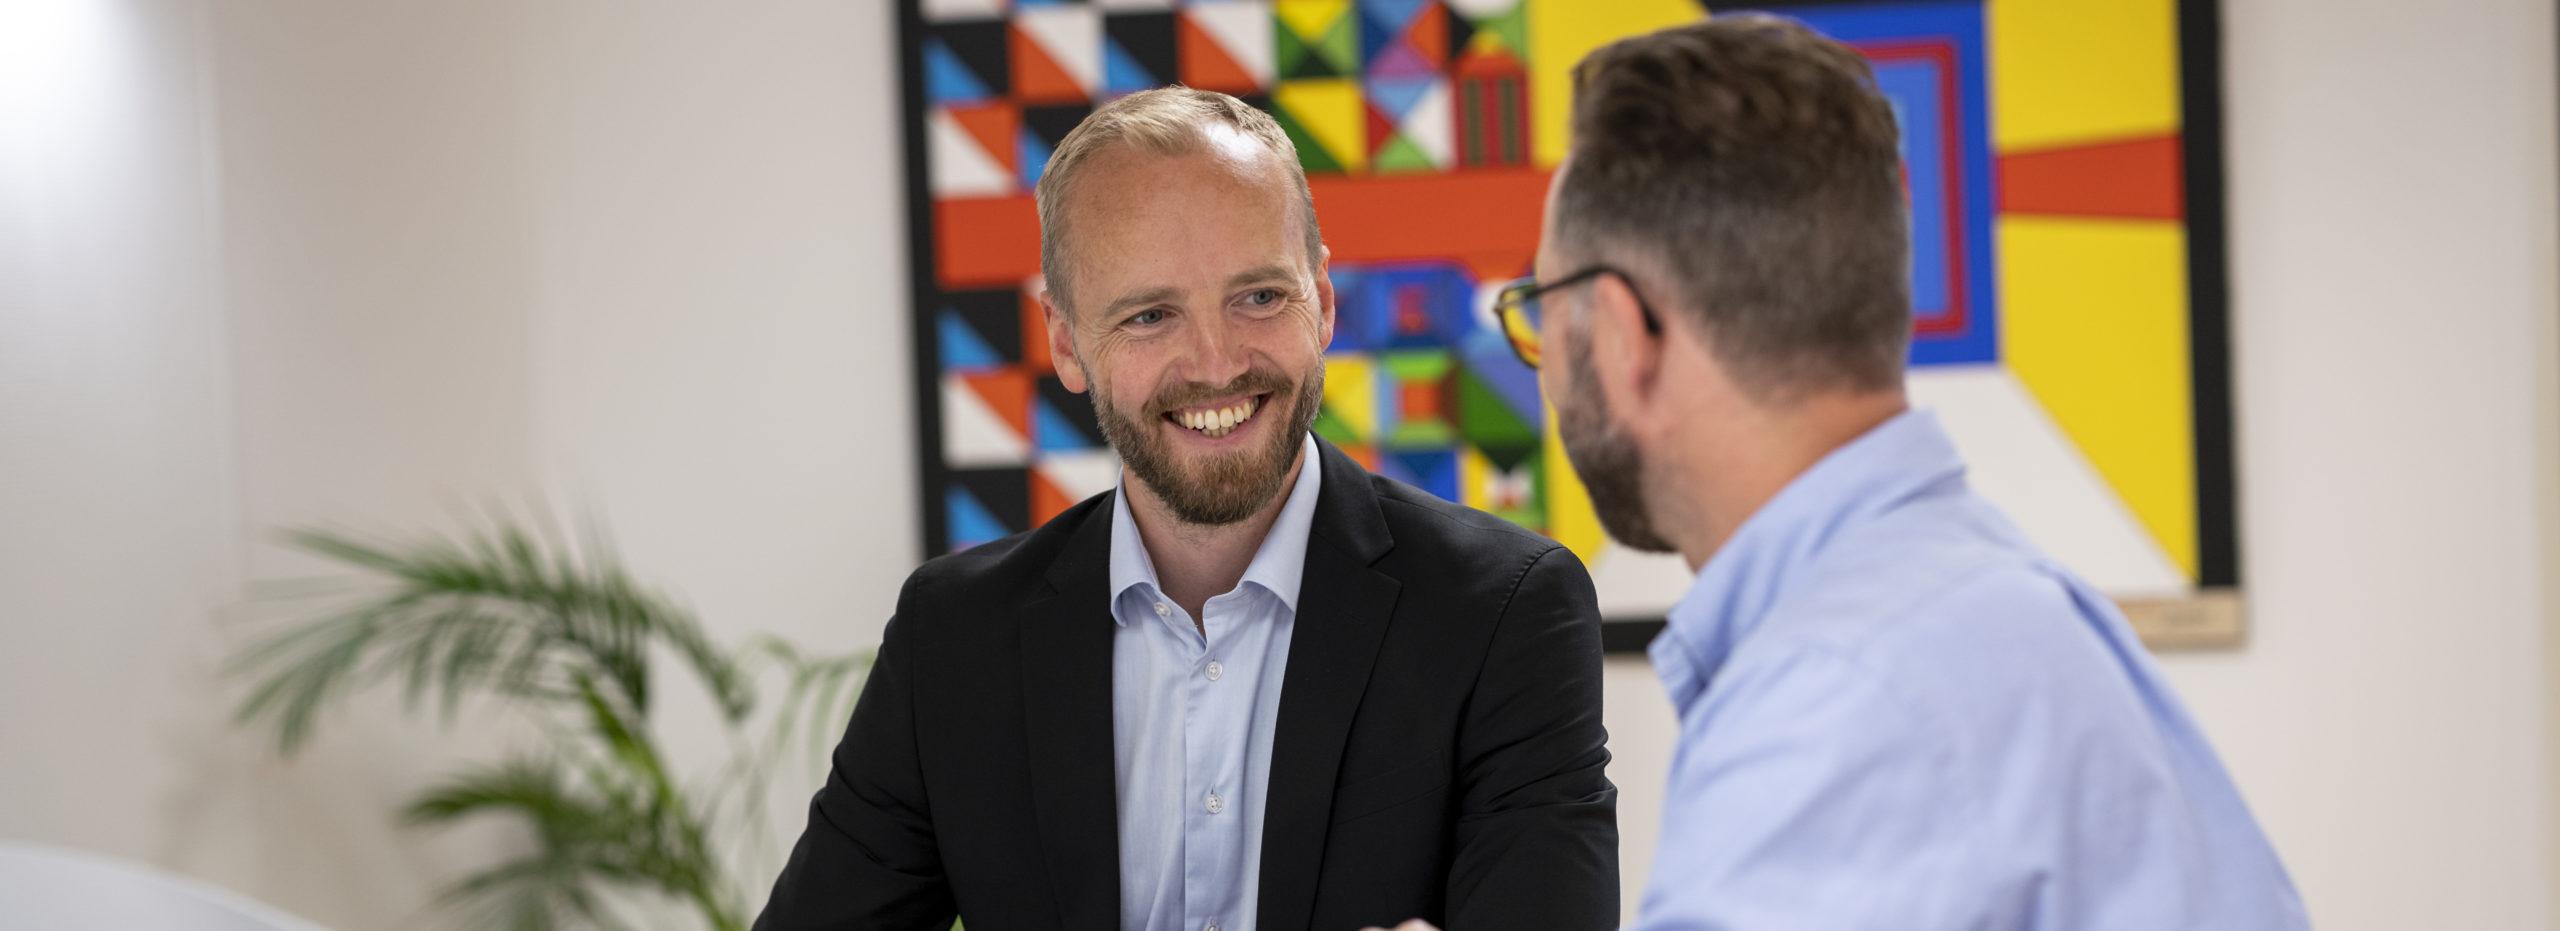 Jesper Bagge og partnere snakker og smiler